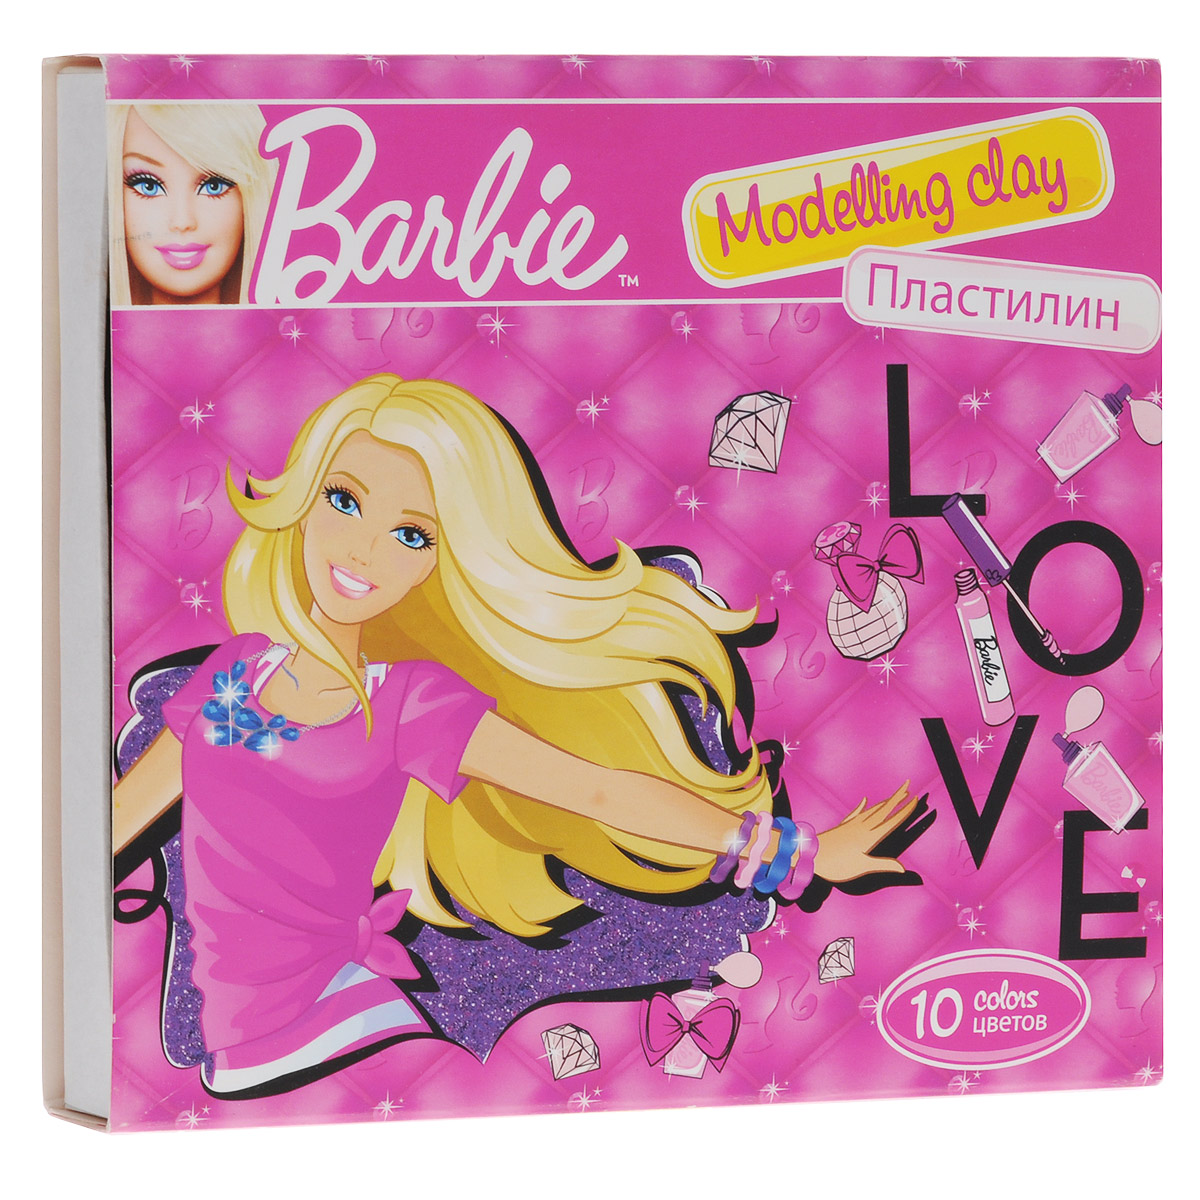 Пластилин Barbie, 10 цветов32711Пластилин Barbie - это отличная возможность познакомить ребенка с еще одним из видов изобразительного творчества, в котором создаются объемные образы и целые композиции. В набор входит пластилин 10 ярких цветов (красный, темно-зеленый, черный, светло-зеленый, белый, желтый, синий, коричневый, голубой, лиловый), а также пластиковый стек для нарезания пластилина.Цвета пластилина легко смешиваются между собой, и таким образом можно получить новые оттенки. Пластилин имеет яркие, красочные цвета и не липнет к рукам.Техника лепки богата и разнообразна, но при этом доступна даже маленьким детям. Занятия лепкой не только увлекательны, но и полезны для ребенка. Они способствуют развитию творческого и пространственного мышления, восприятия формы, фактуры, цвета и веса, развивают воображение и мелкую моторику.